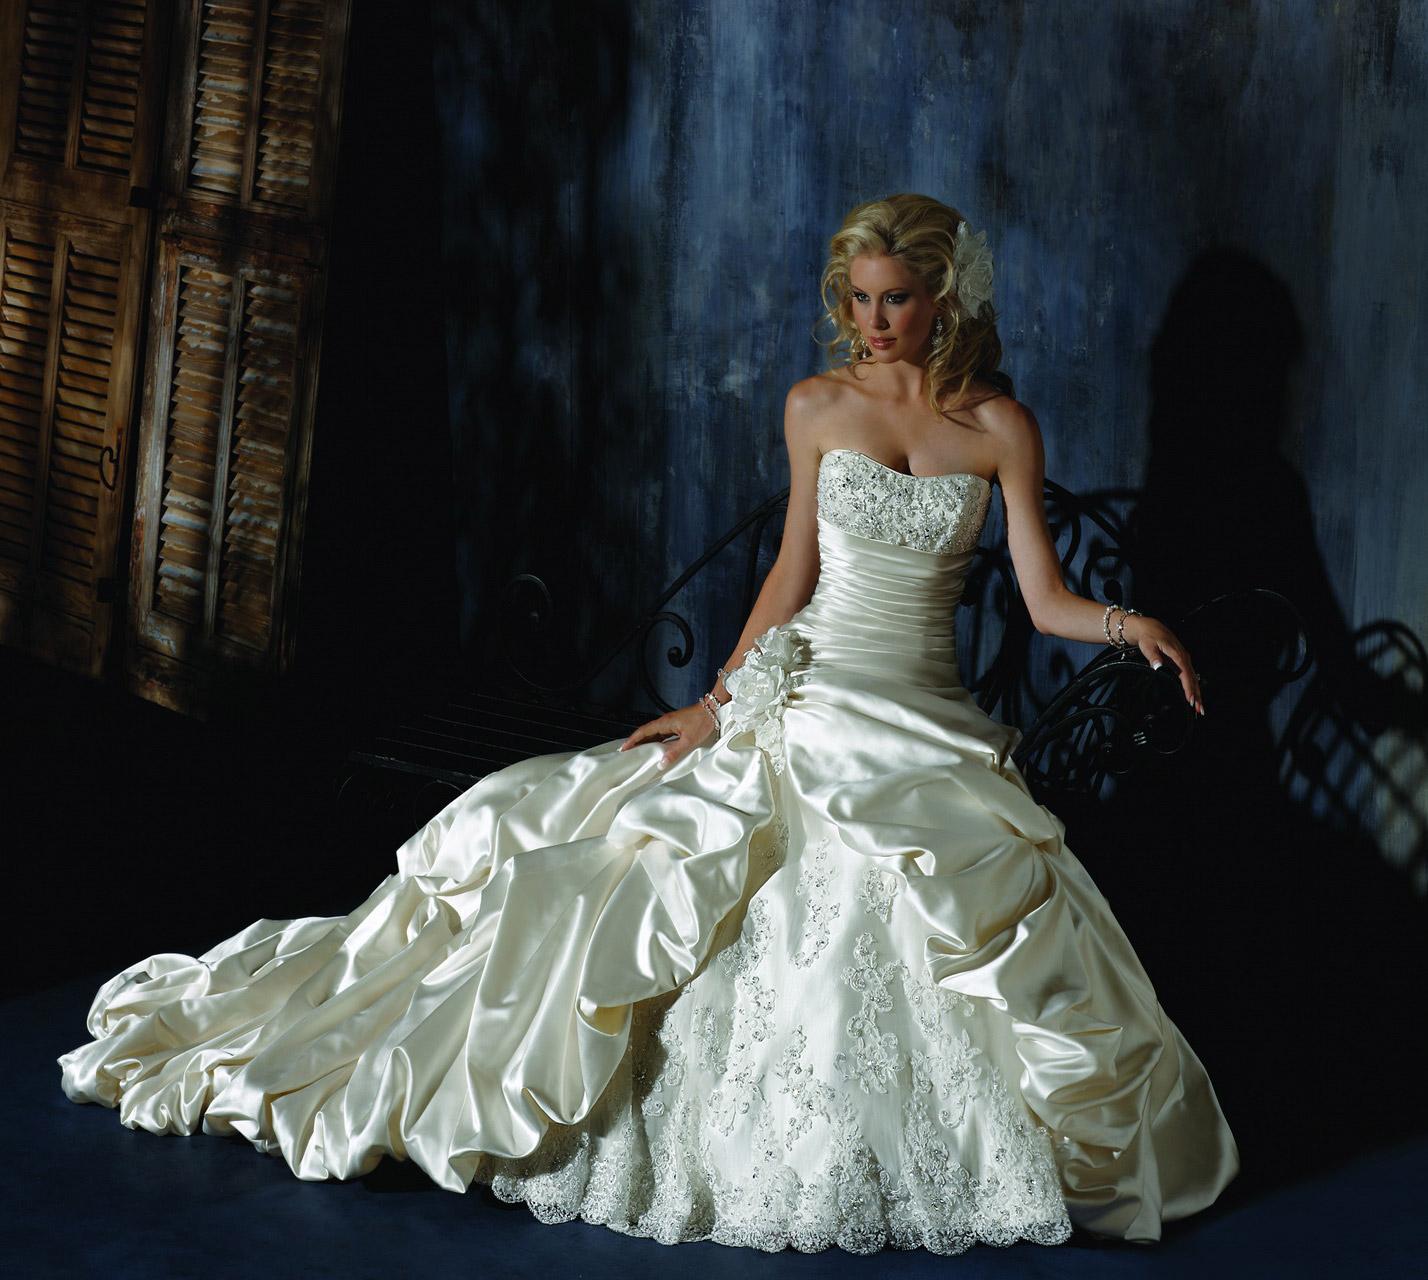 Abiti Da Sposa Del 700.Abiti Da Sposa 2014 Maggie Sottero Roma Salem Spose